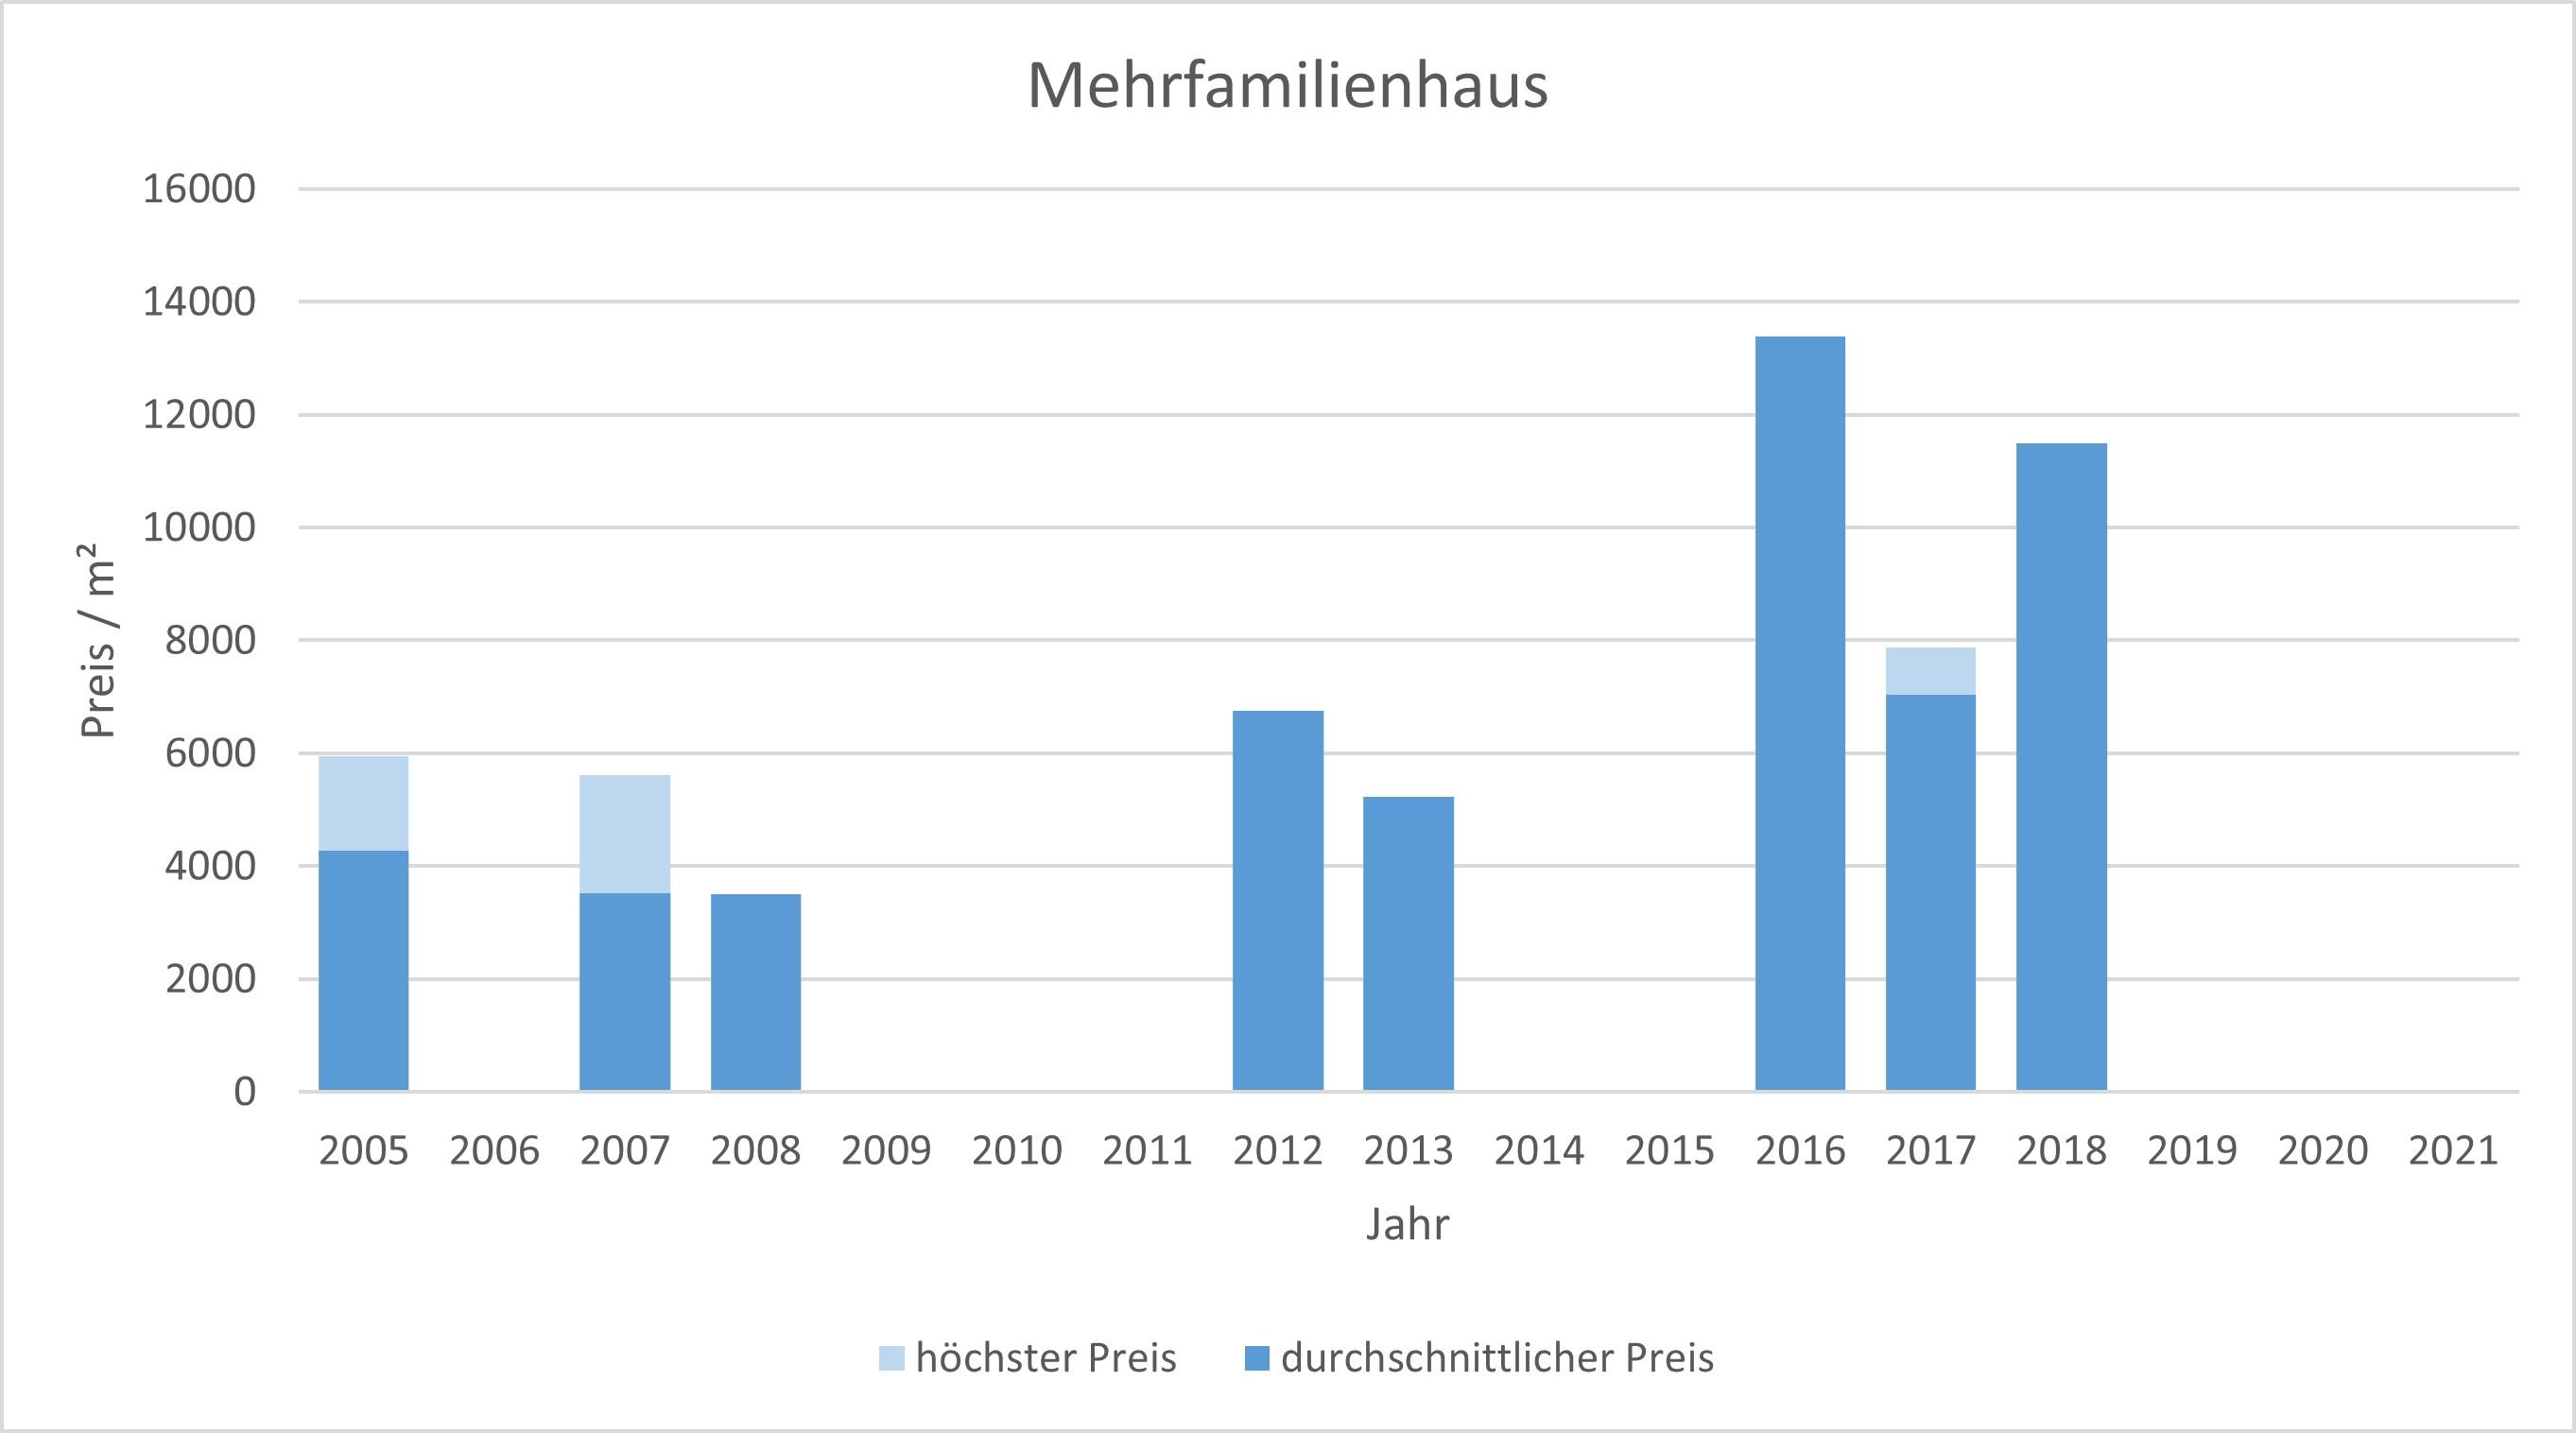 München - Gern Mehrfamilienahsu kaufen verkaufen Preis Bewertung Makler 2019 2020 2021 www.happy-immo.de